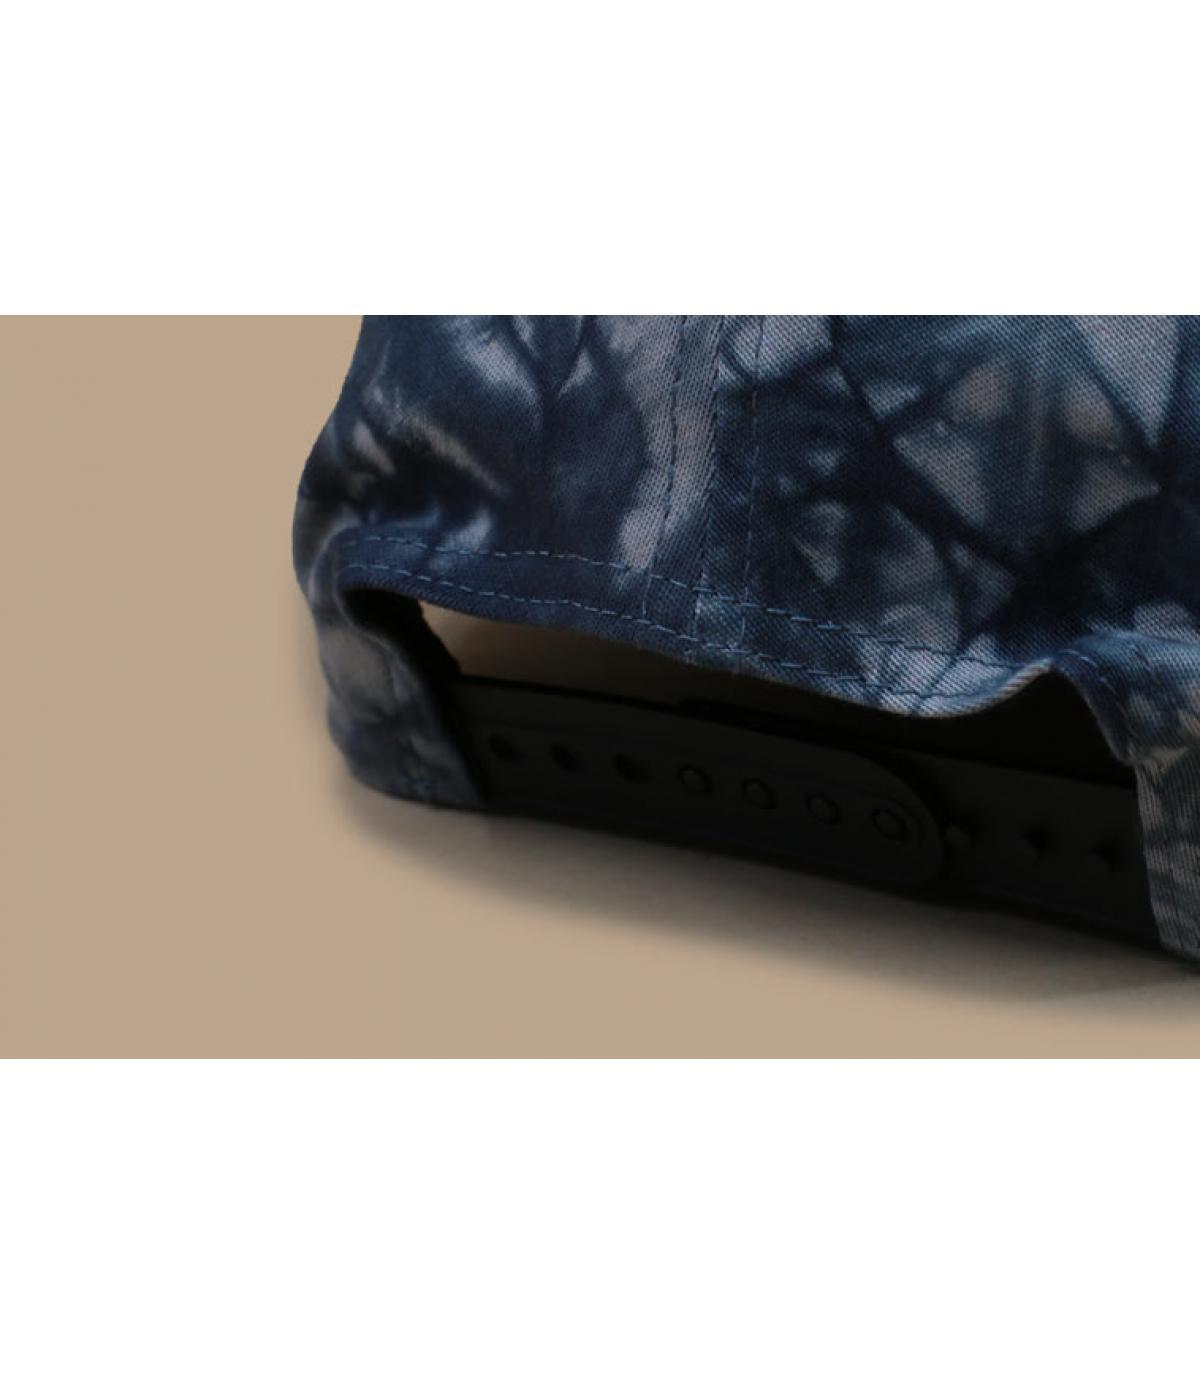 Détails Casquette Tie Dye Stretch Snap NY 950 black - image 5